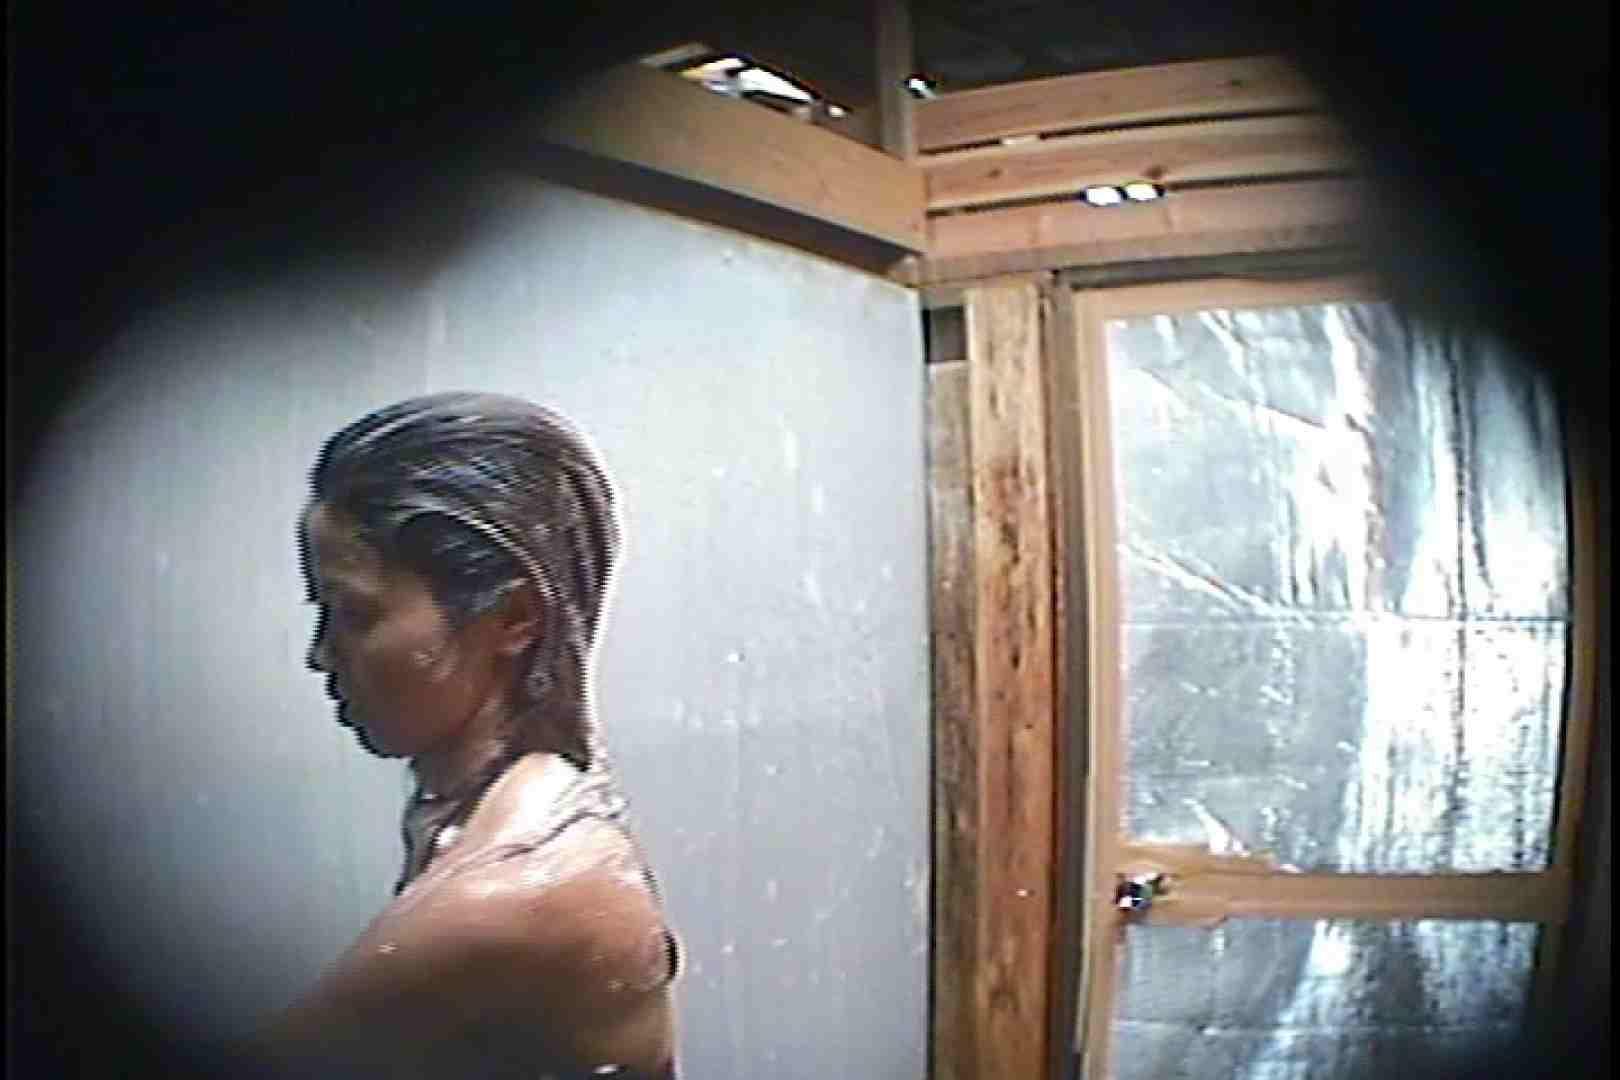 海の家の更衣室 Vol.45 ギャルズ オマンコ動画キャプチャ 78画像 32